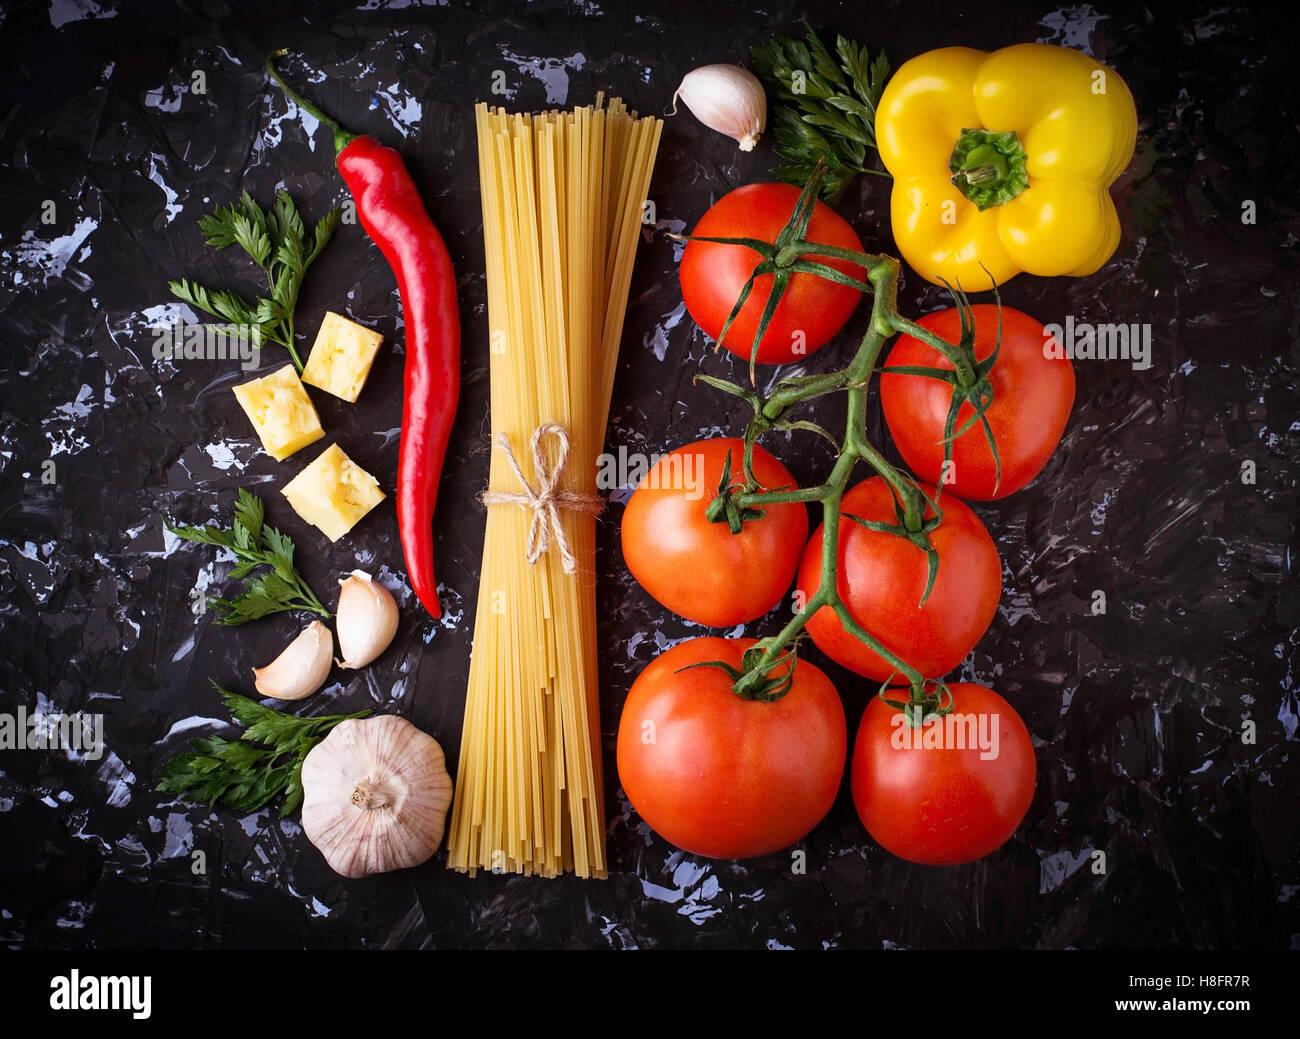 Konzept der italienischen Küche. Nudeln, Tomaten, Olivenöl, Pfeffer, Petersilie und Käse. Selektiven Stockbild